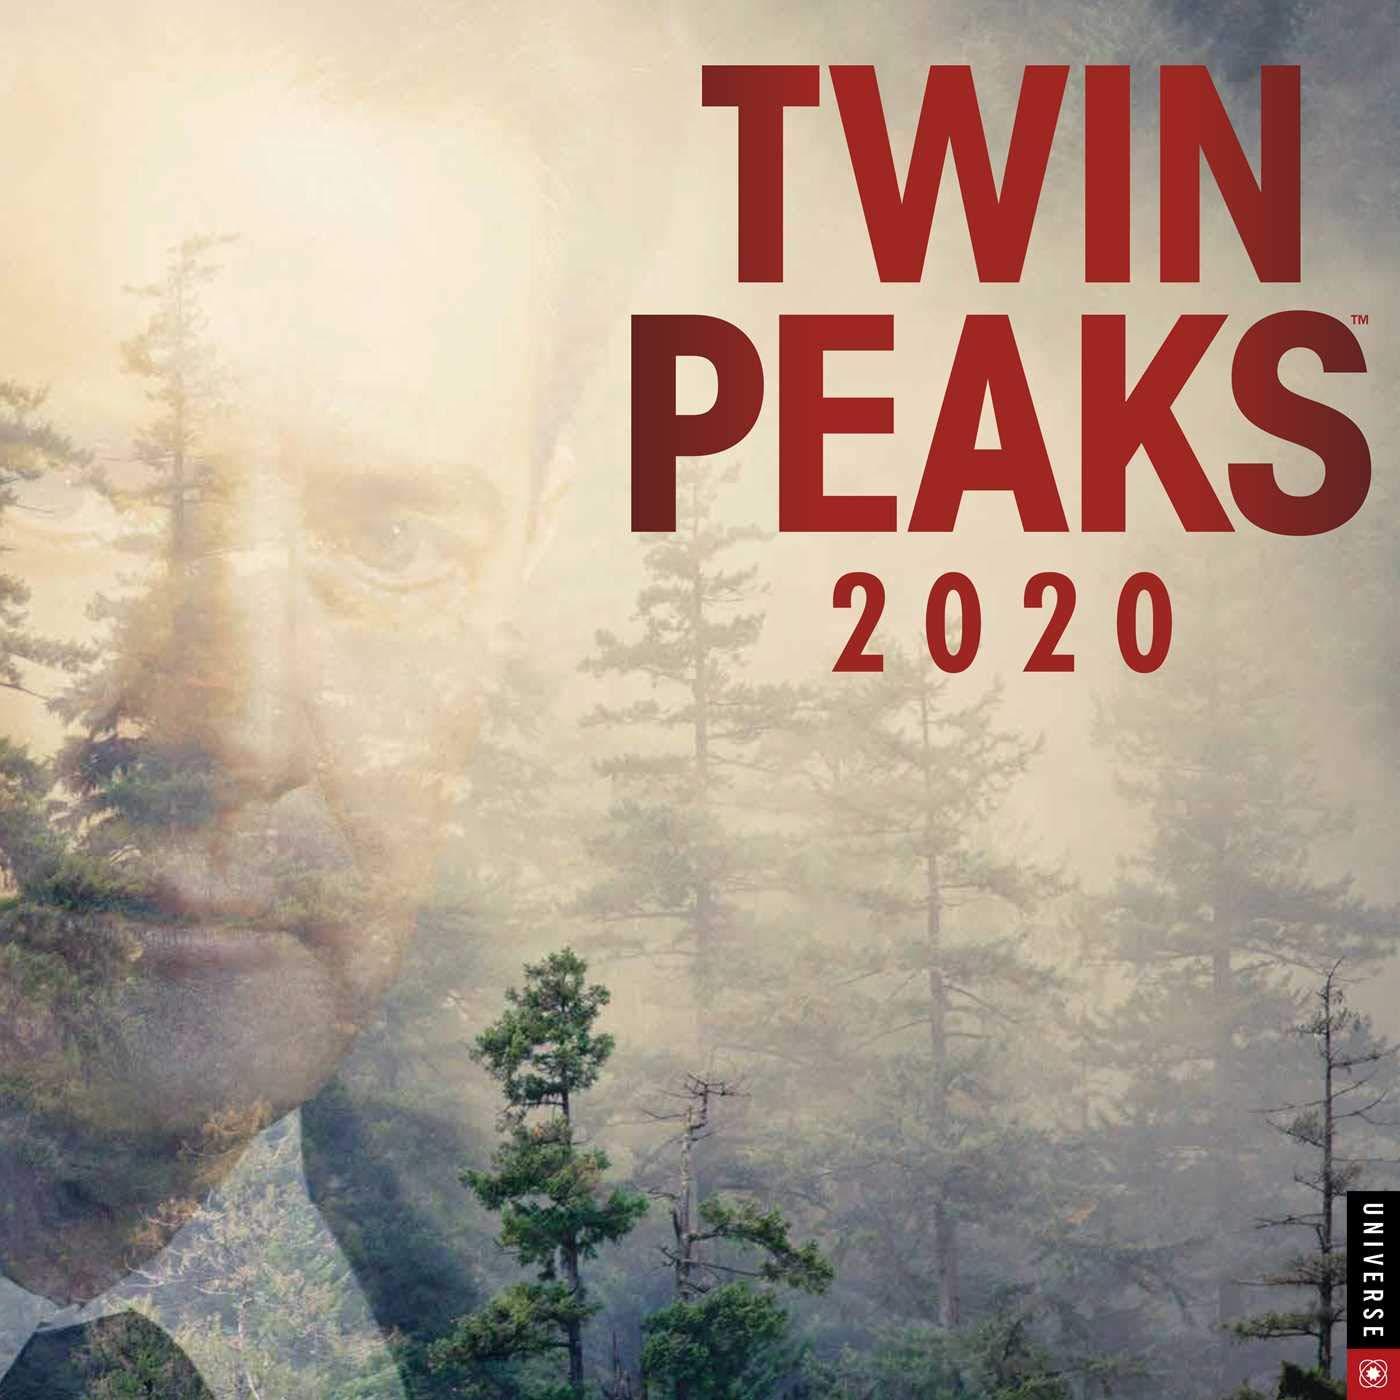 Twin Peaks Calendar 2020 Amazon.com: Twin Peaks 2020 Wall Calendar (0676728036418